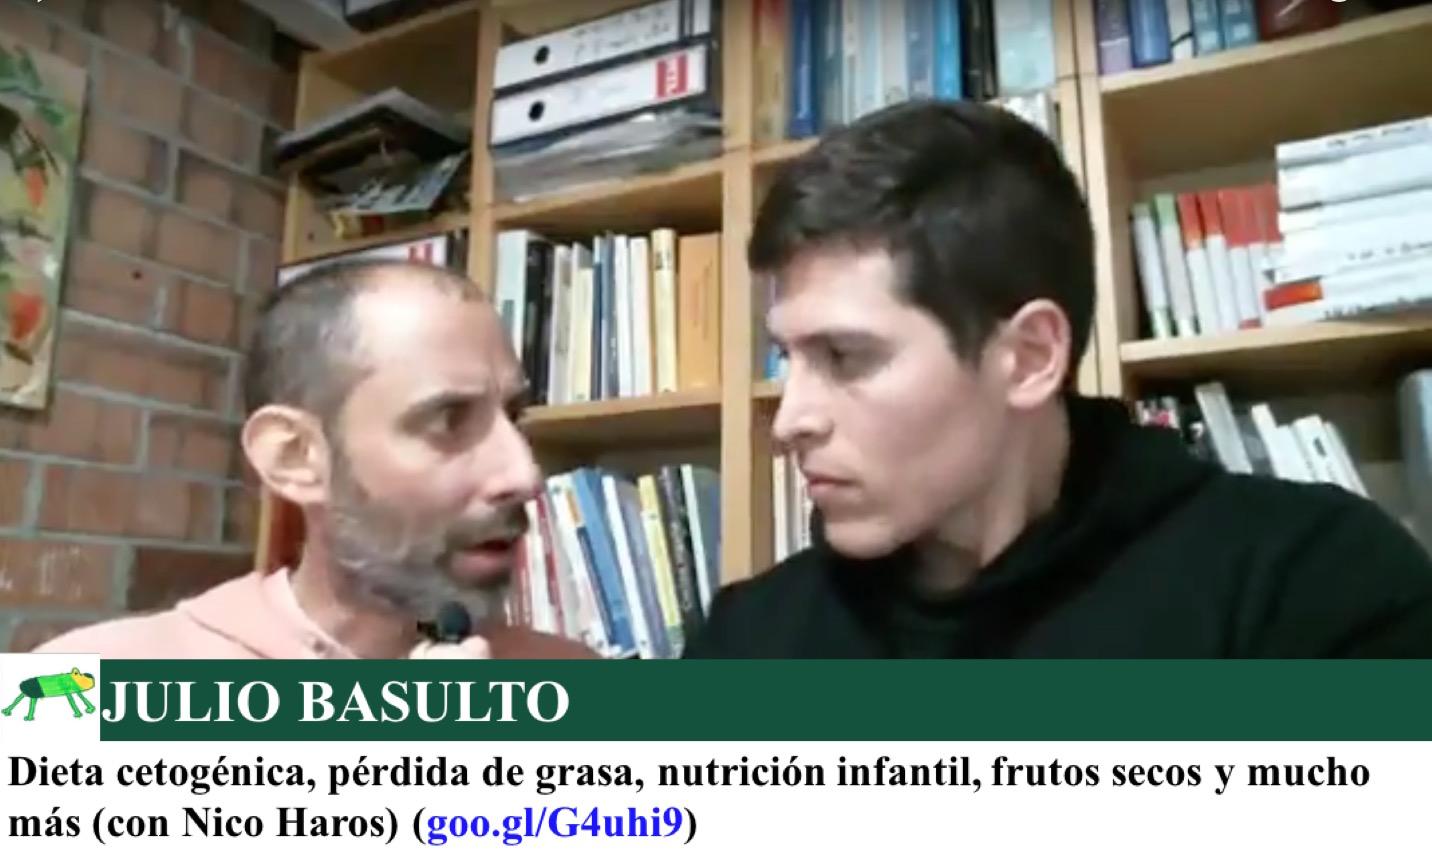 Dieta cetogénica, pérdida de grasa, nutrición infantil, frutos secos y mucho más (con Nico Haros)